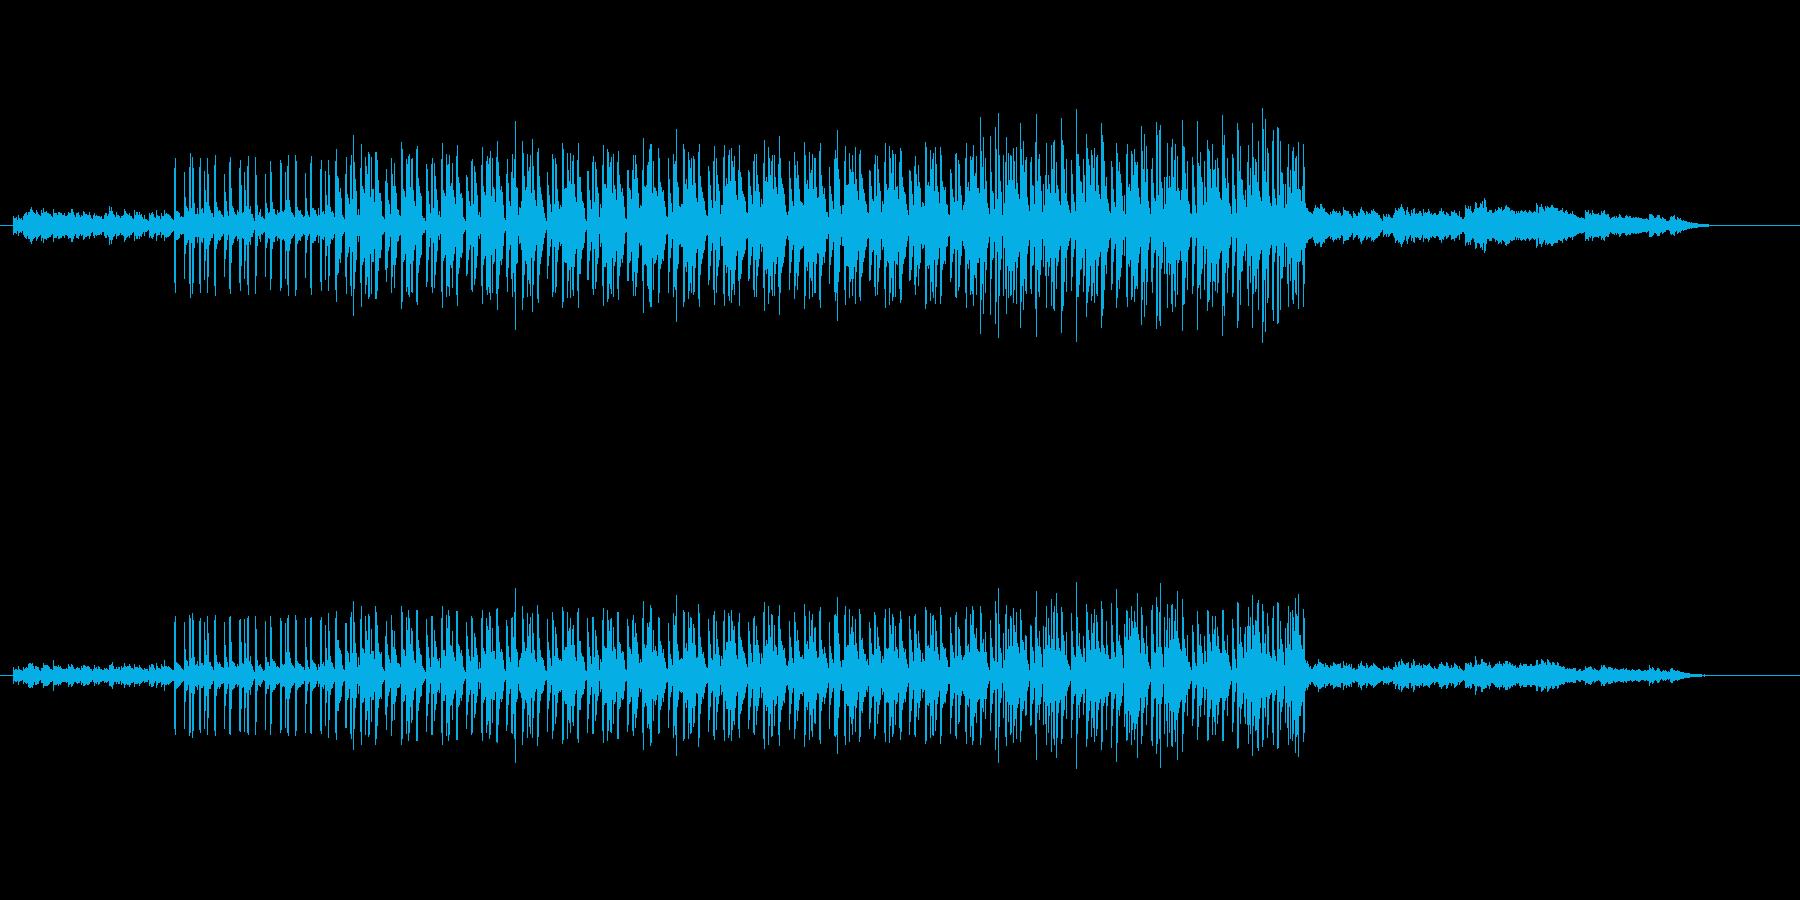 テクノ・ハウス系の曲の再生済みの波形